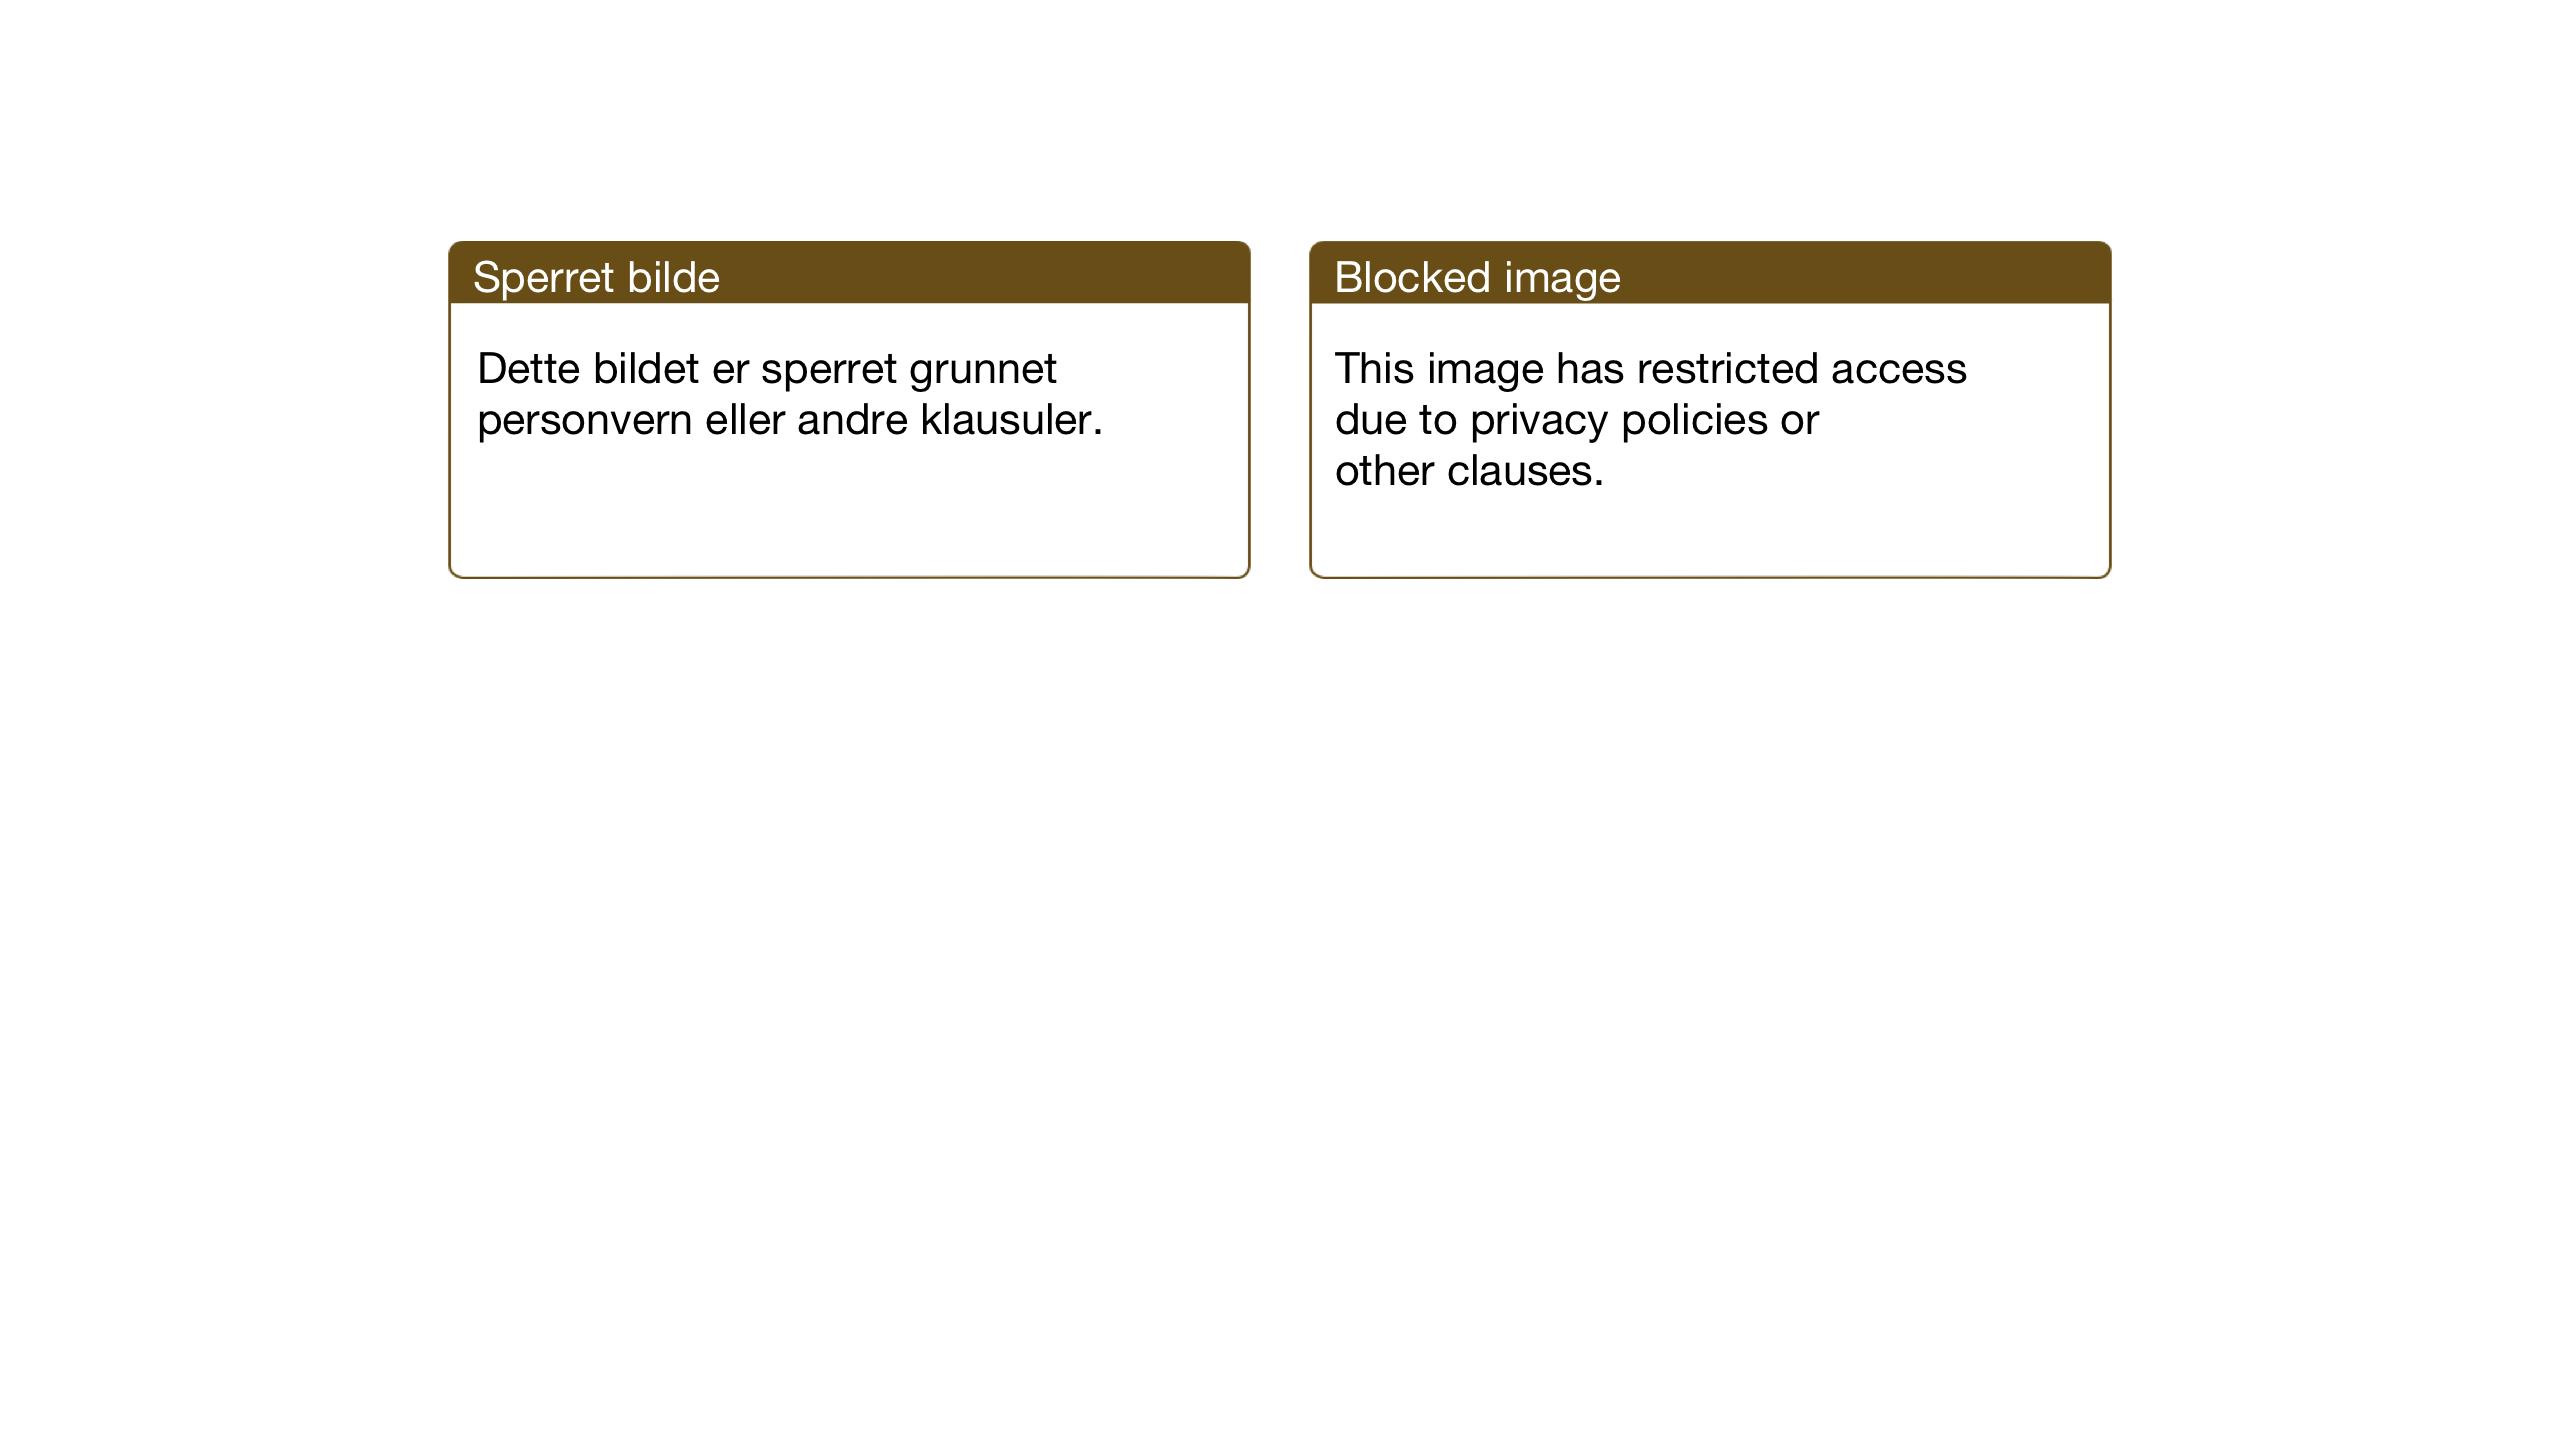 SAT, Ministerialprotokoller, klokkerbøker og fødselsregistre - Nord-Trøndelag, 780/L0654: Klokkerbok nr. 780C06, 1928-1942, s. 25